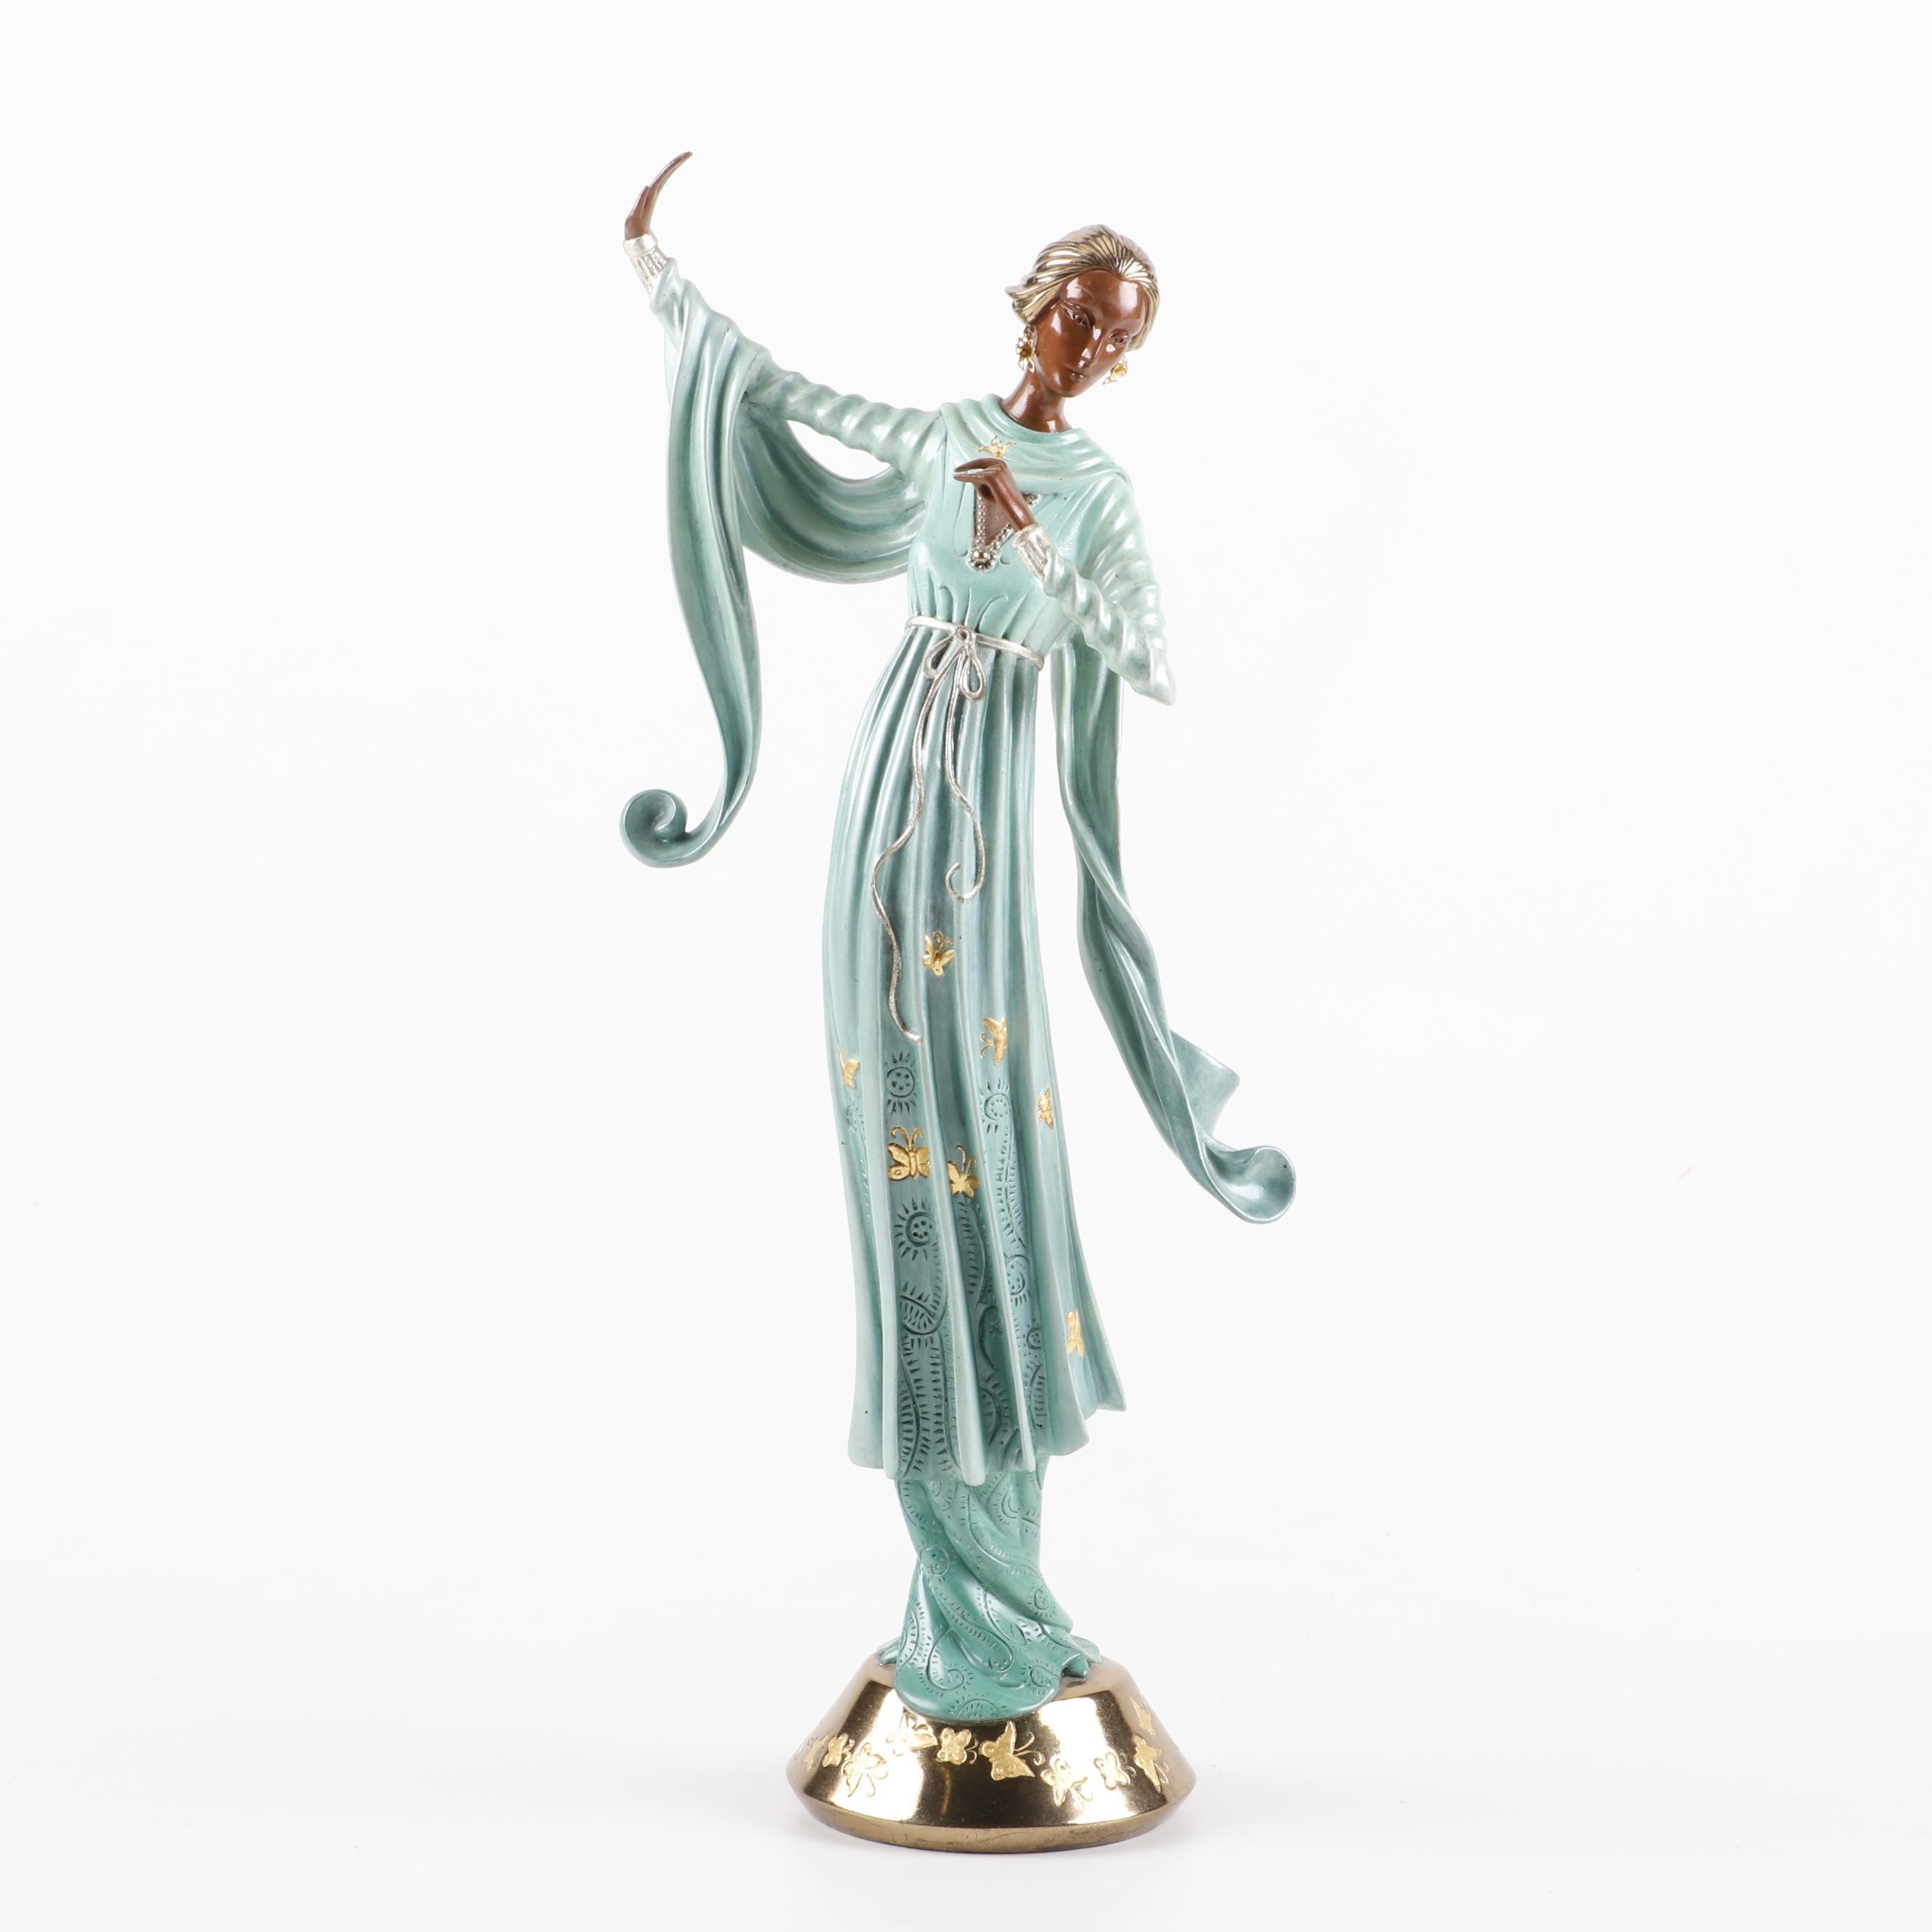 """Erté Patinated Bronze Sculpture """"Joie de Vivre"""""""